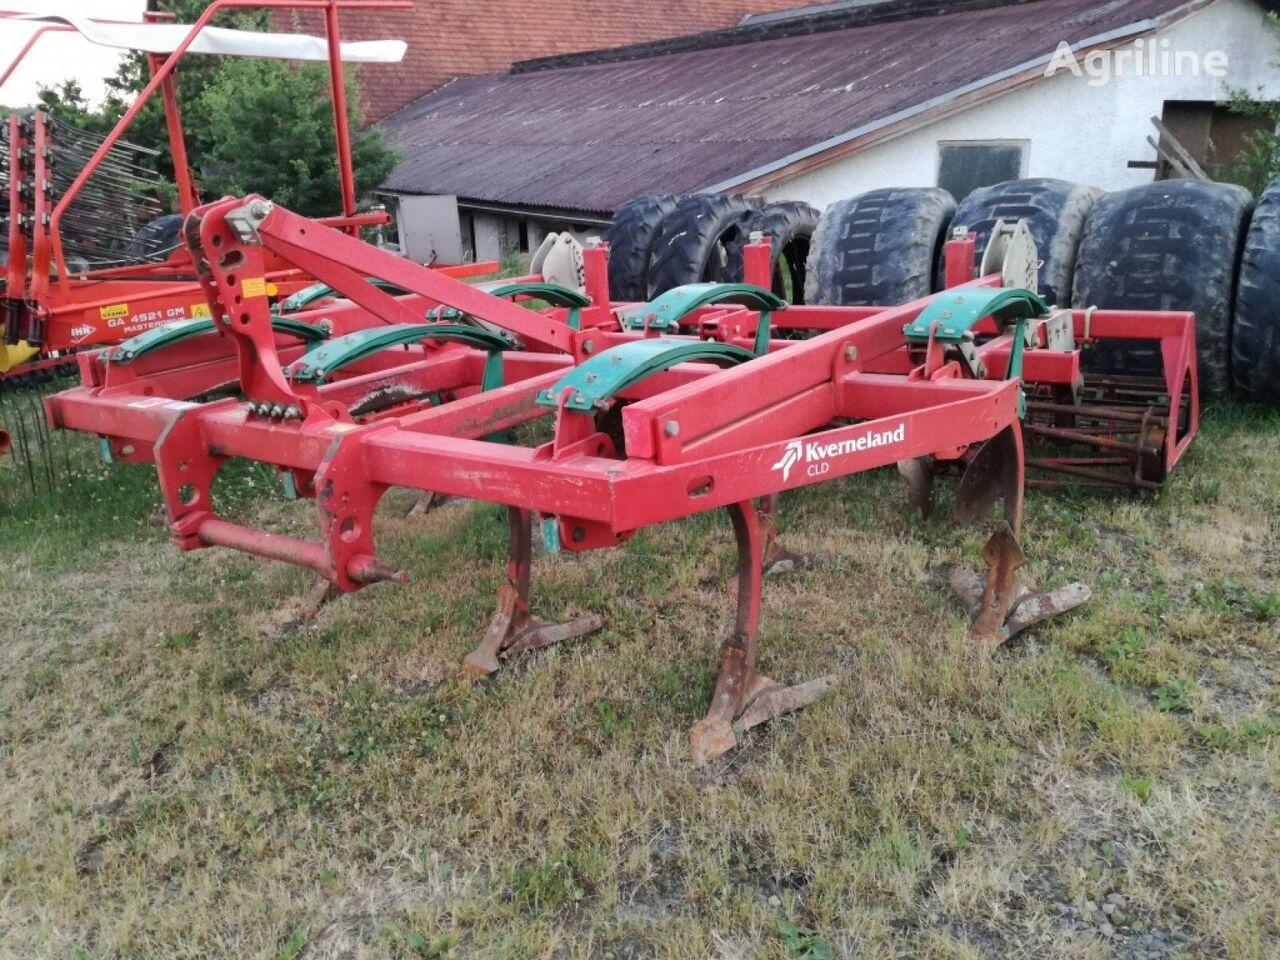 KVERNELAND CLD 300 cultivator